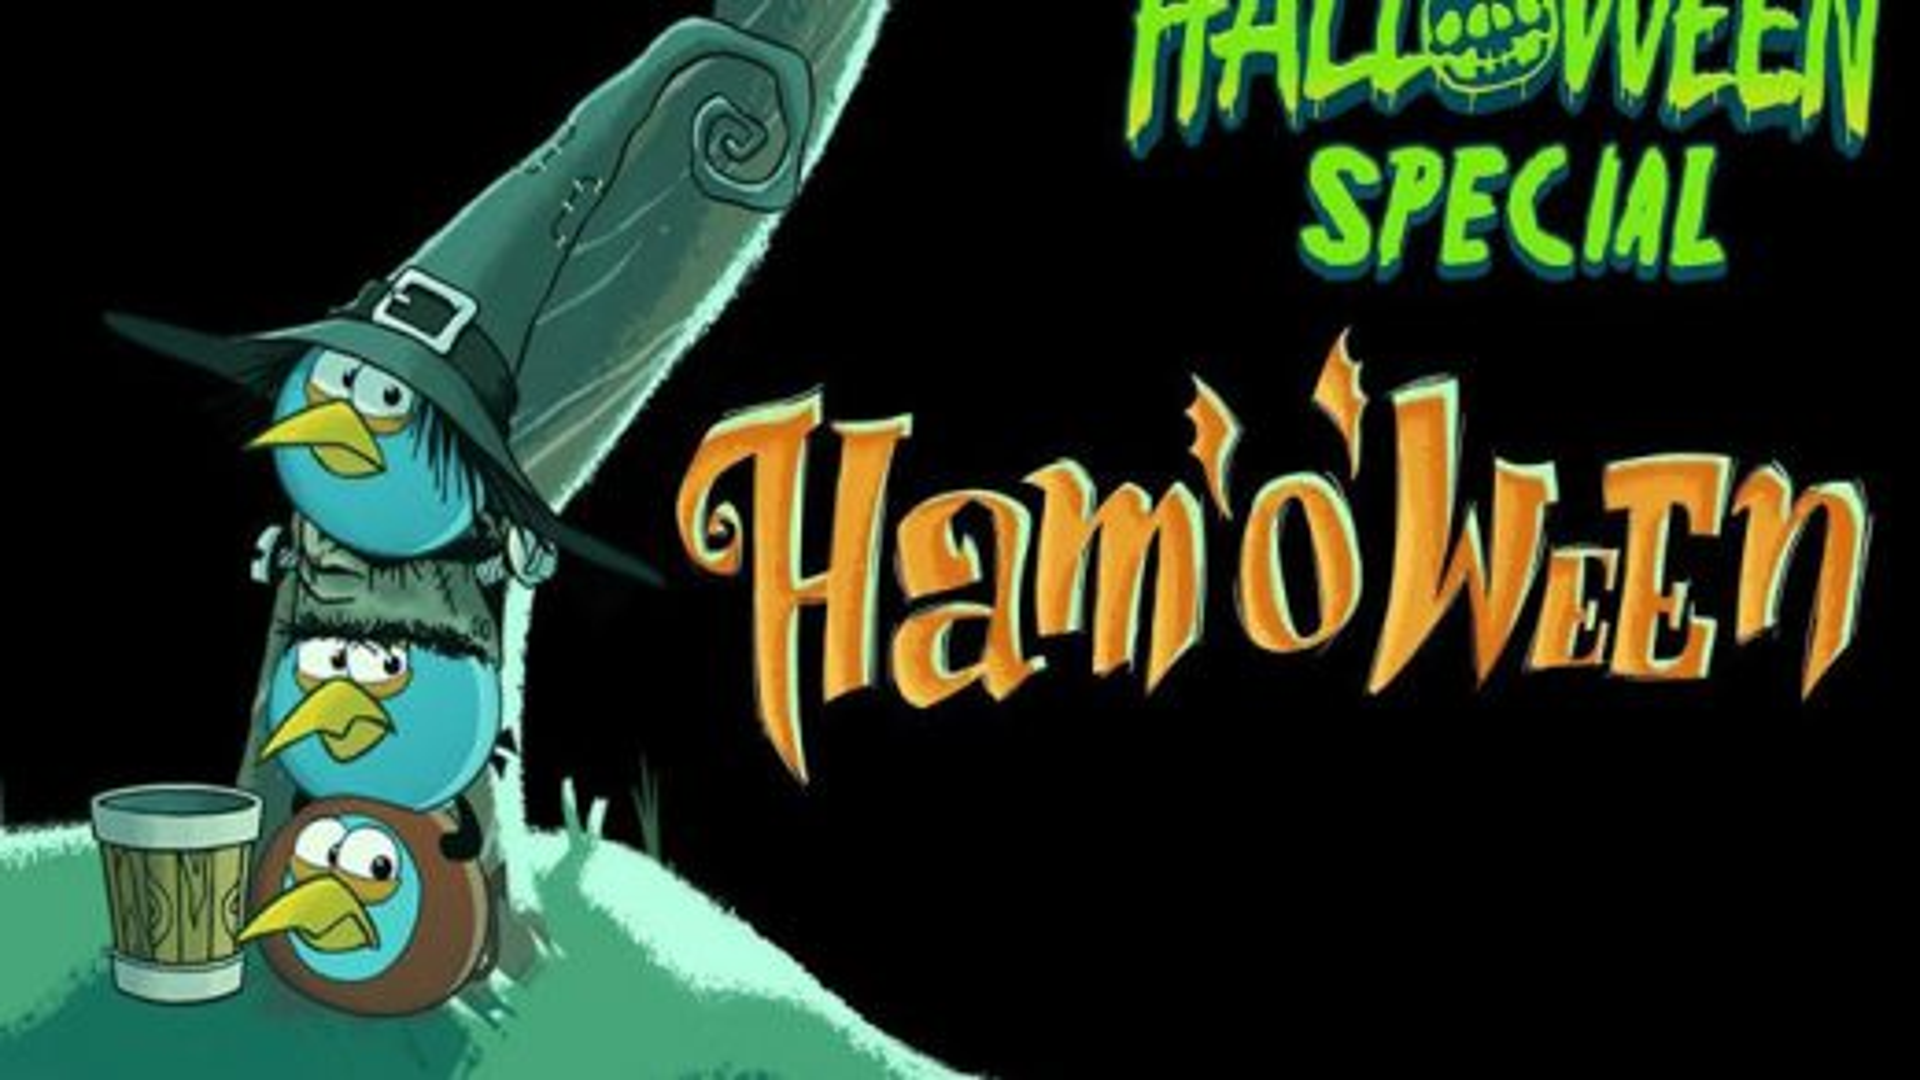 کارتون انگری بردز؛ این قسمت سه قلوها و هالووین | فیلم